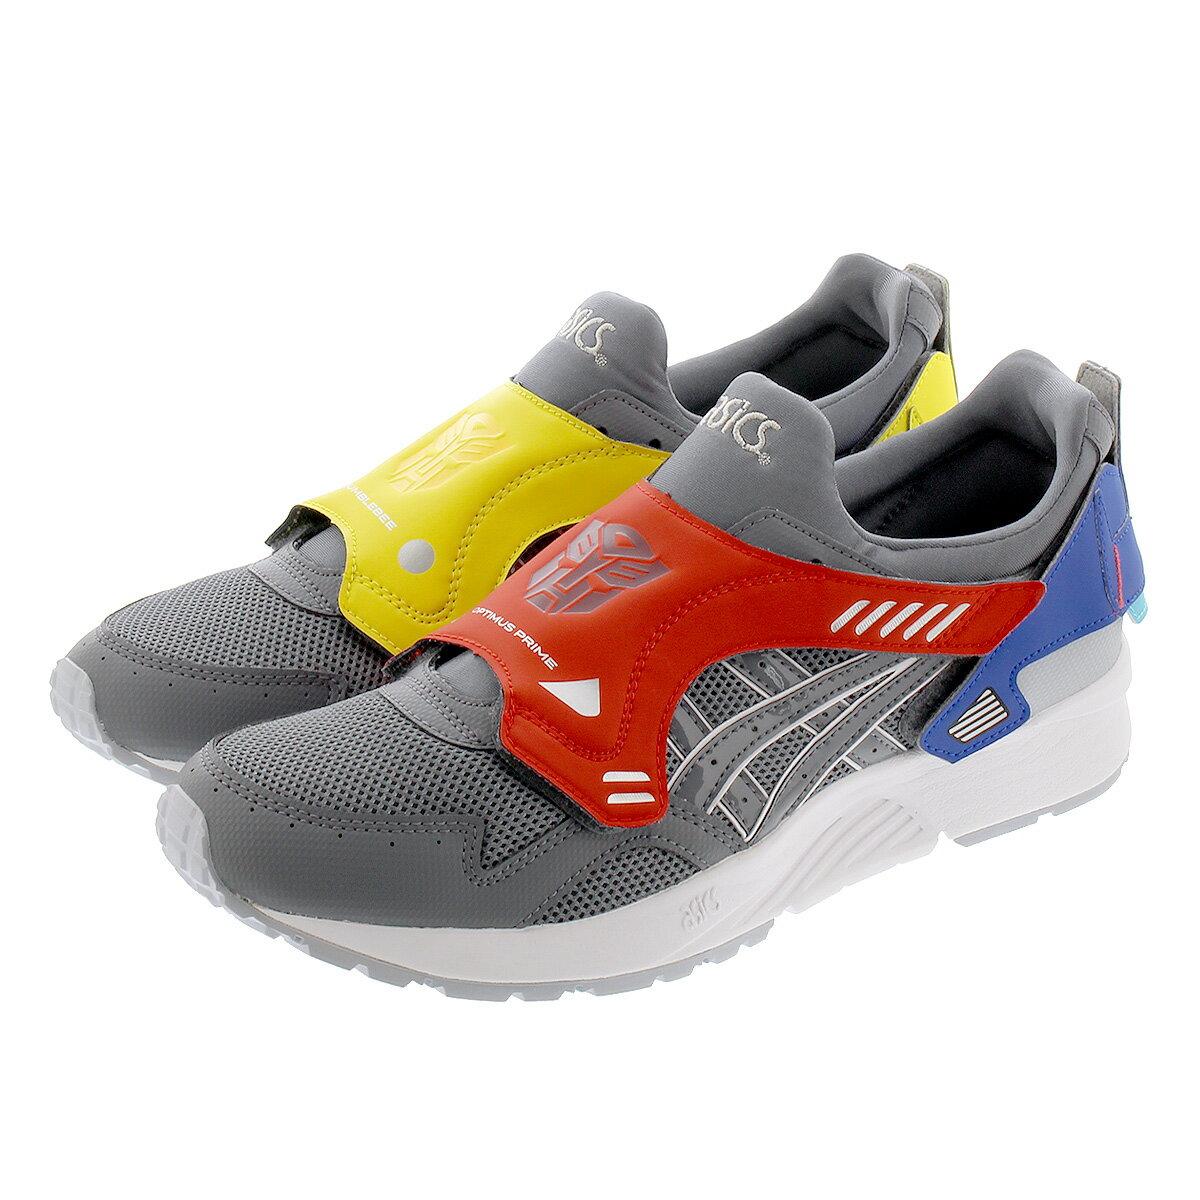 メンズ靴, スニーカー ASICS GEL-LYTE V TRANSFORMERS 5 GREY 1191a312-020